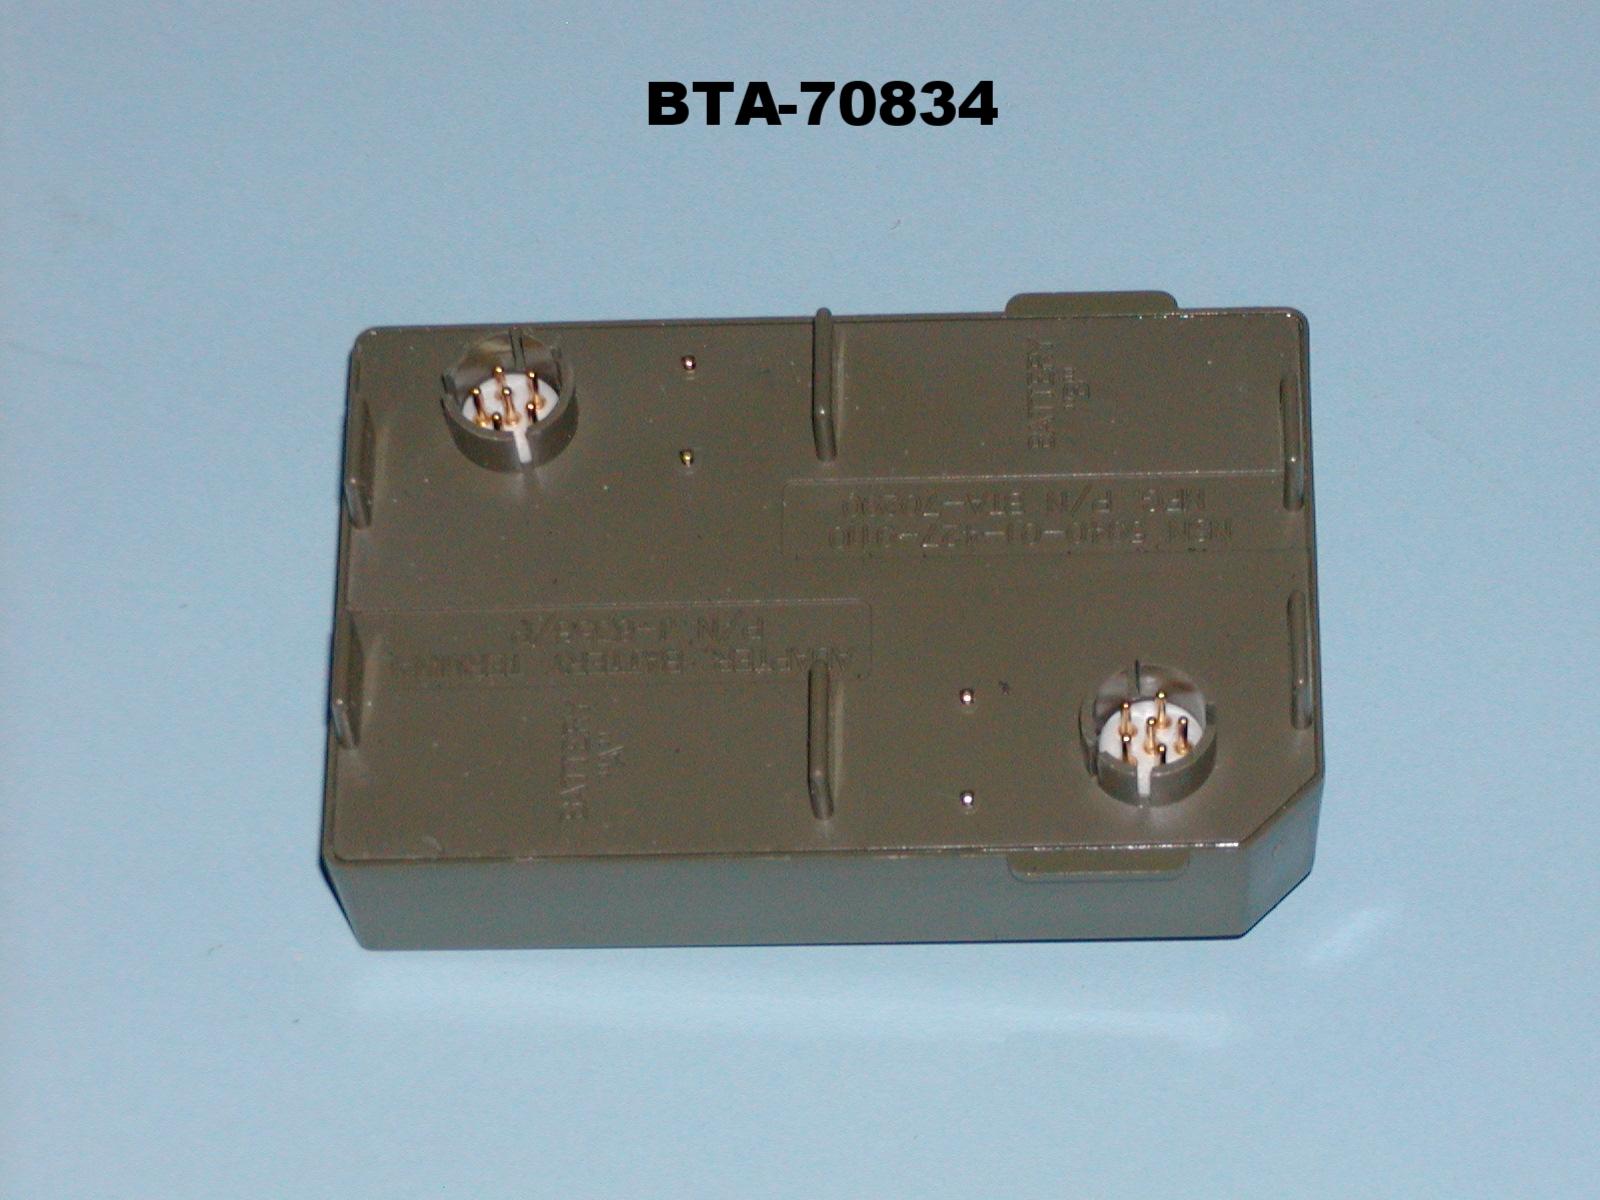 BTA-70834